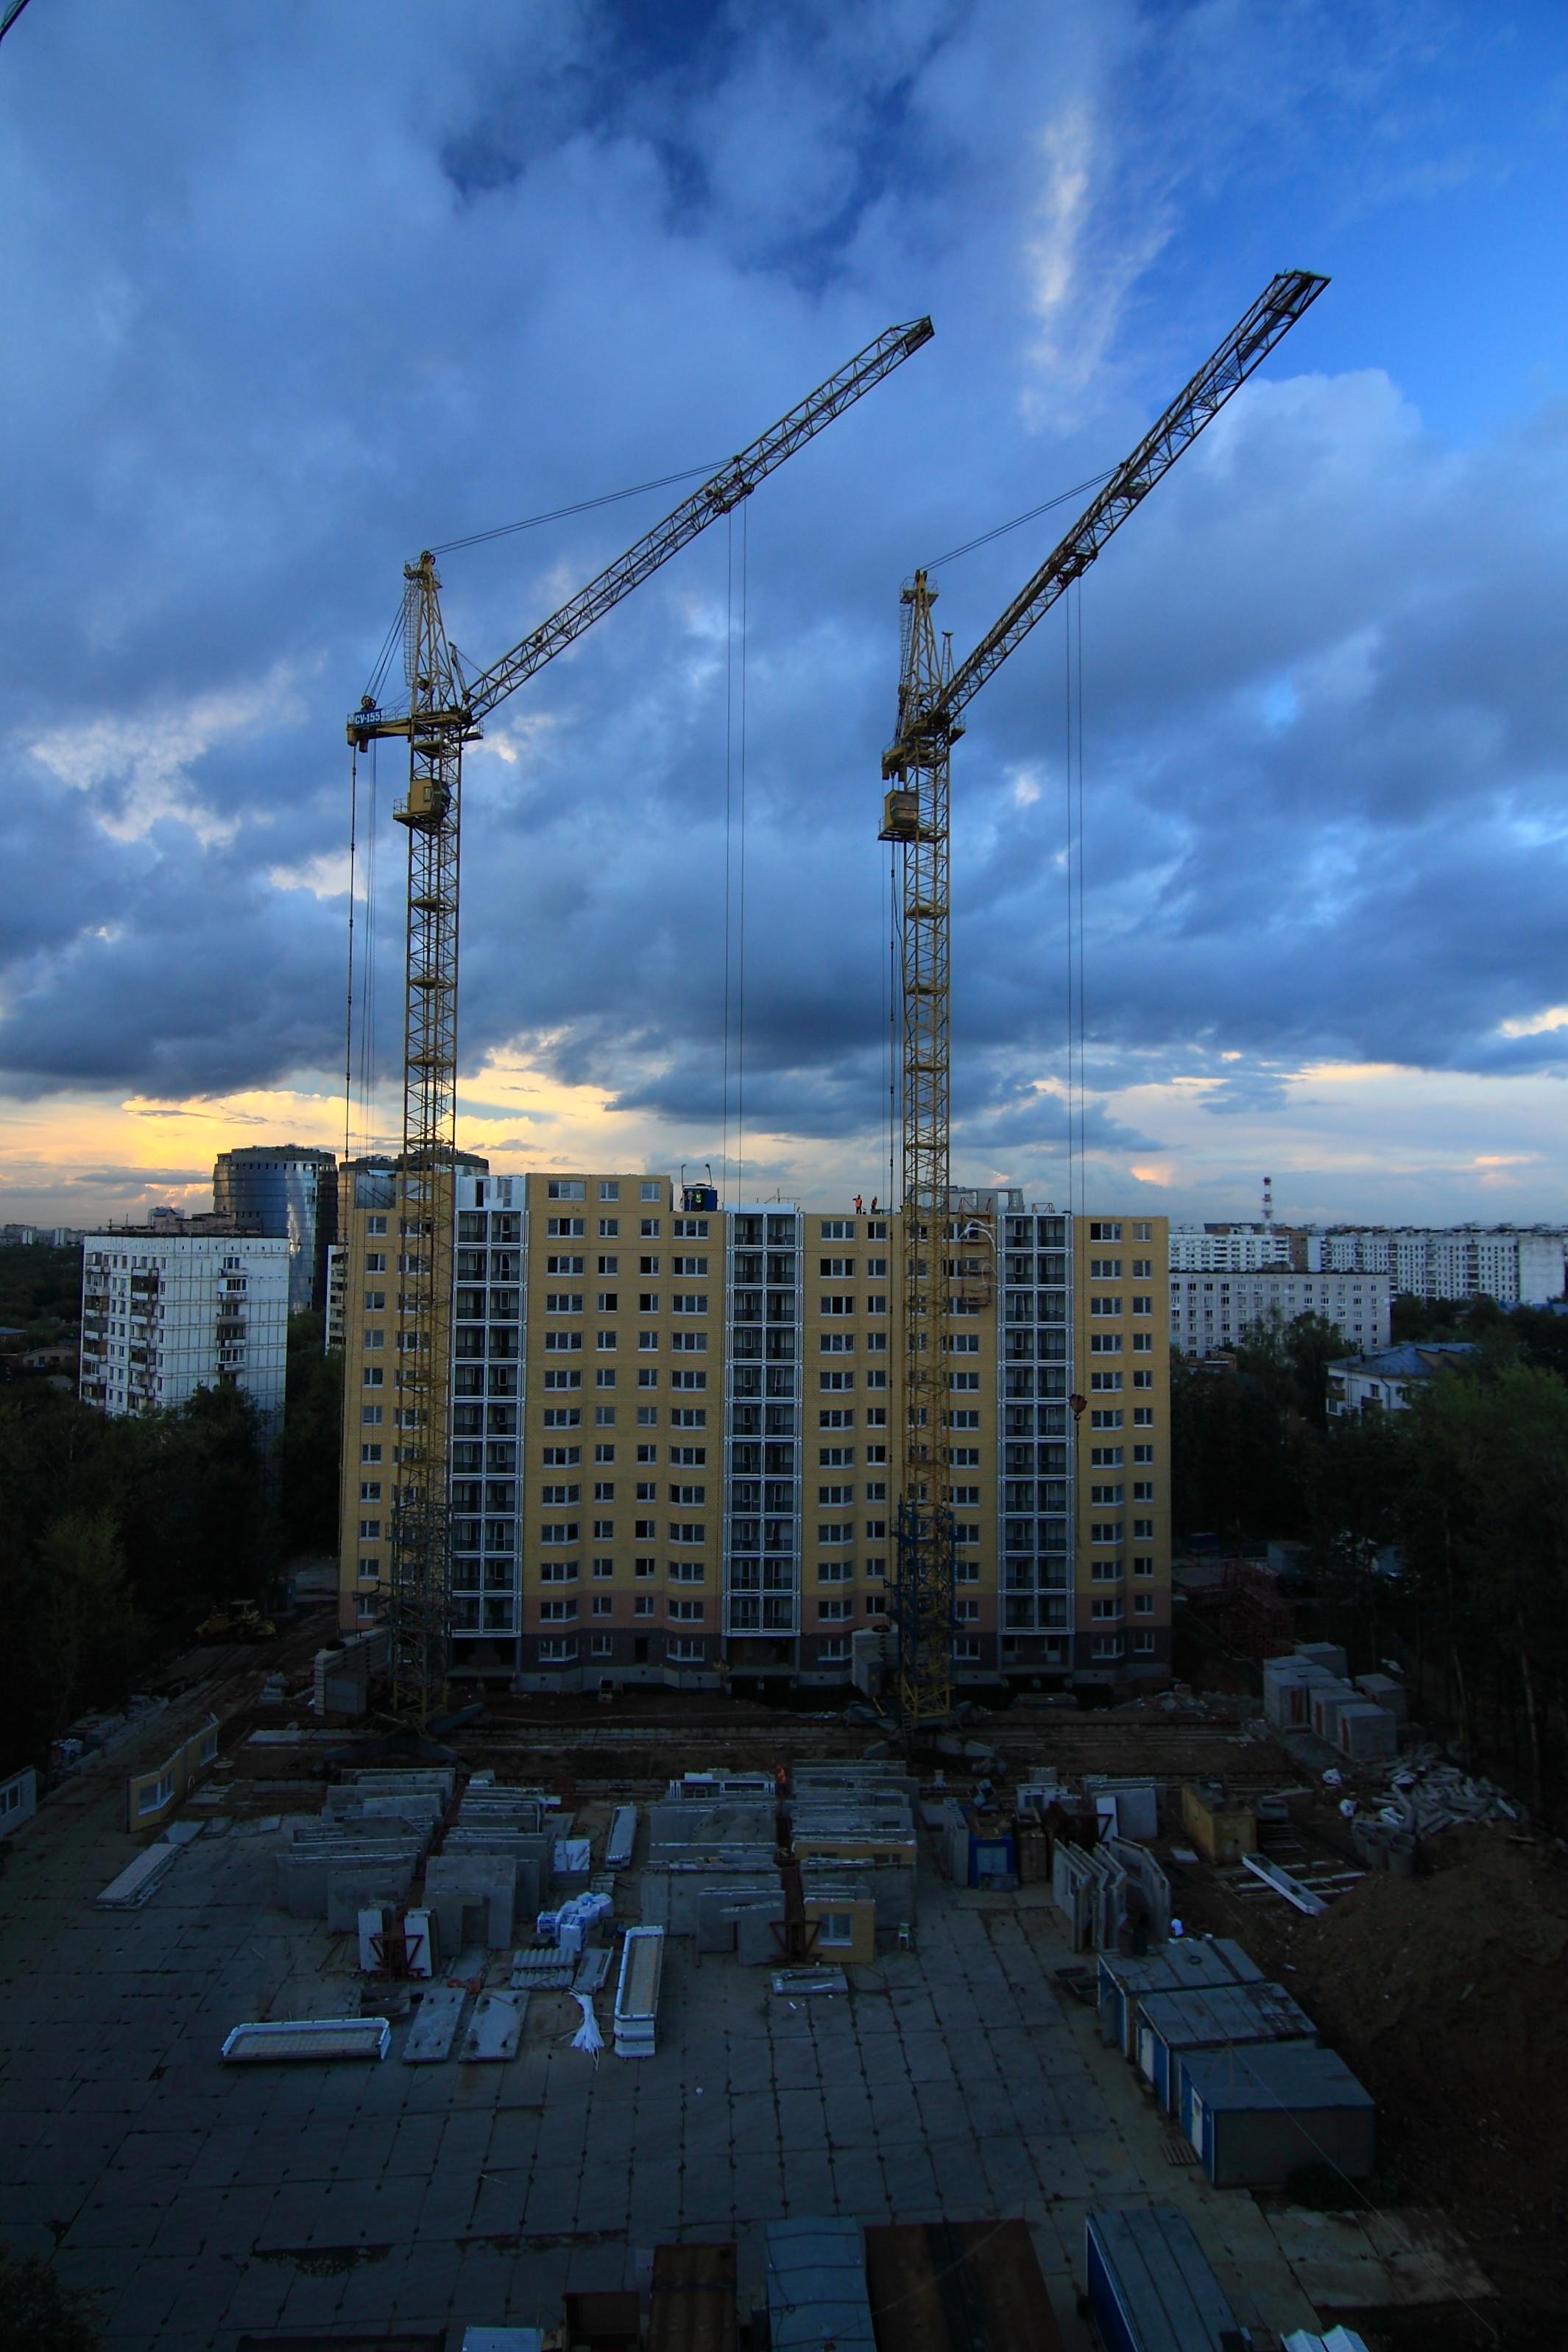 желающие фото строящихся высотных домов в омске или хотя слышал